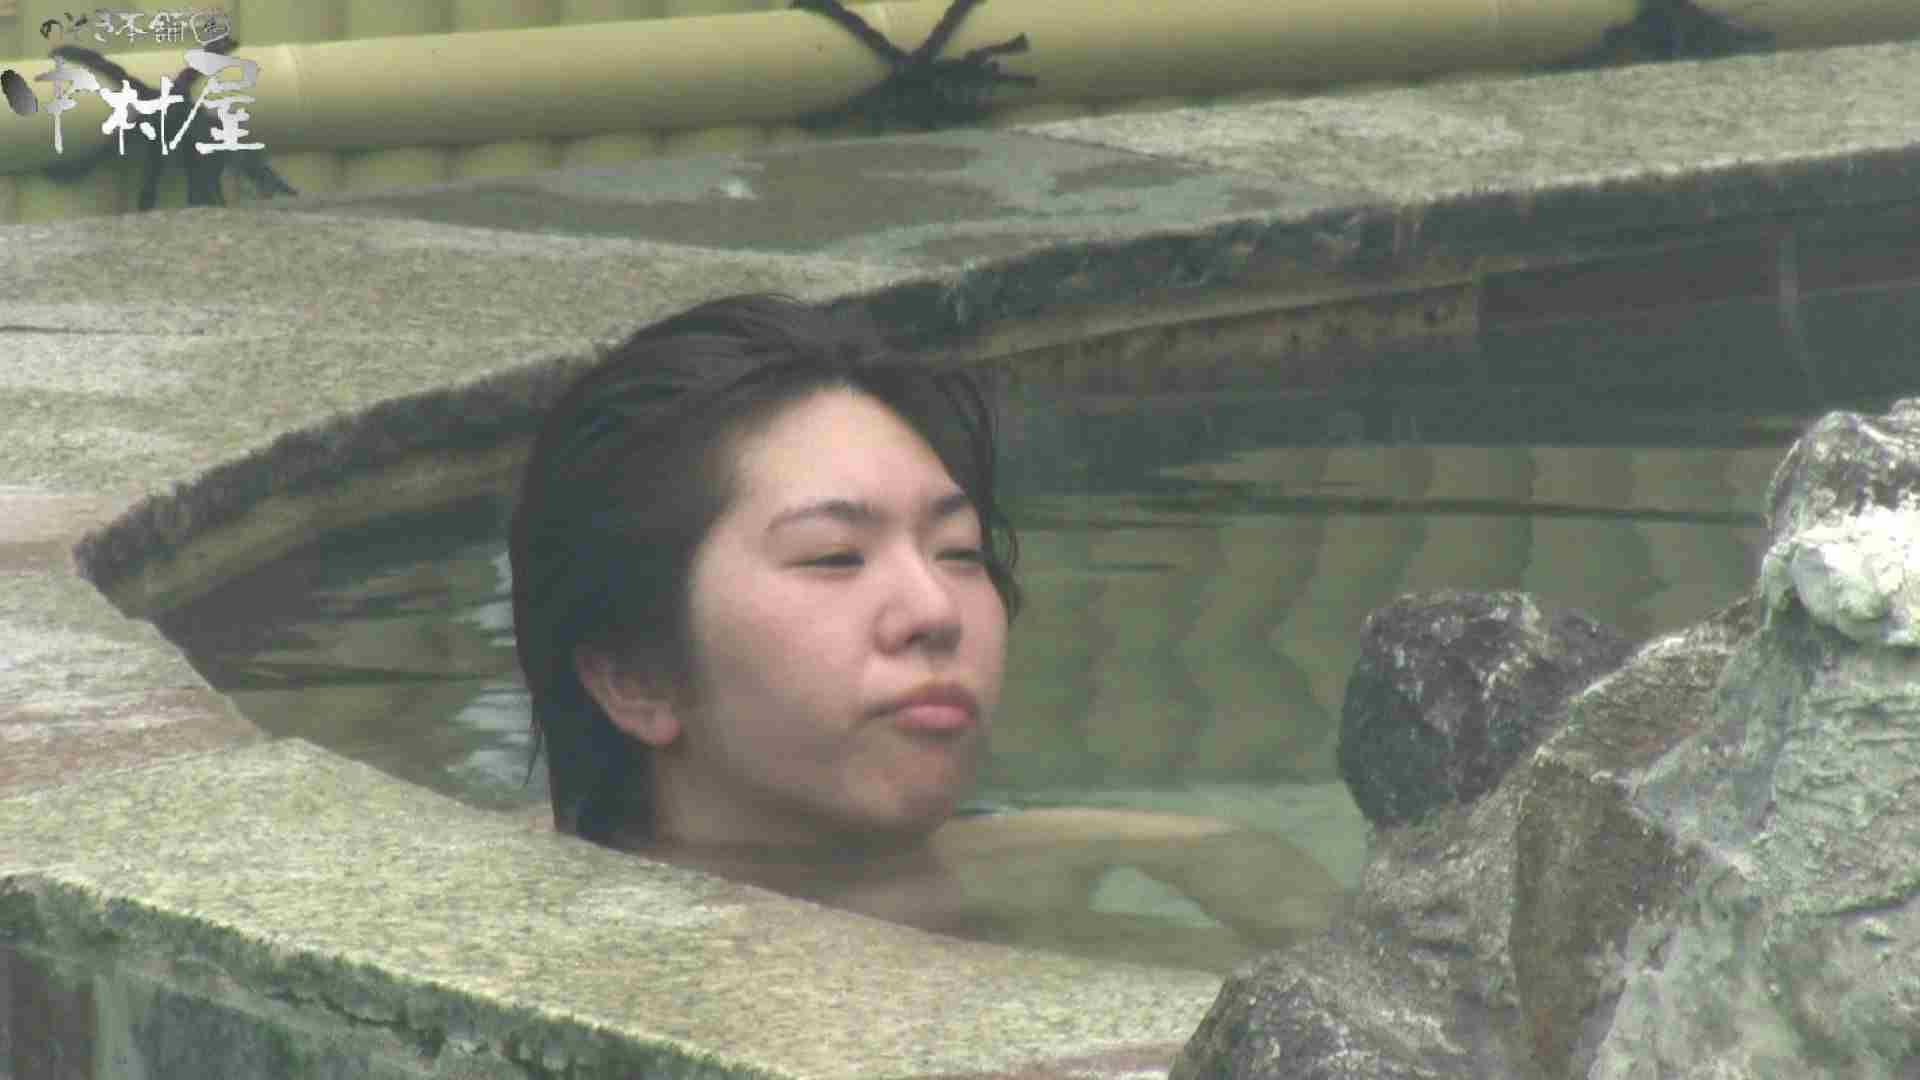 Aquaな露天風呂Vol.907 OL女体 | 女体盗撮  95連発 52